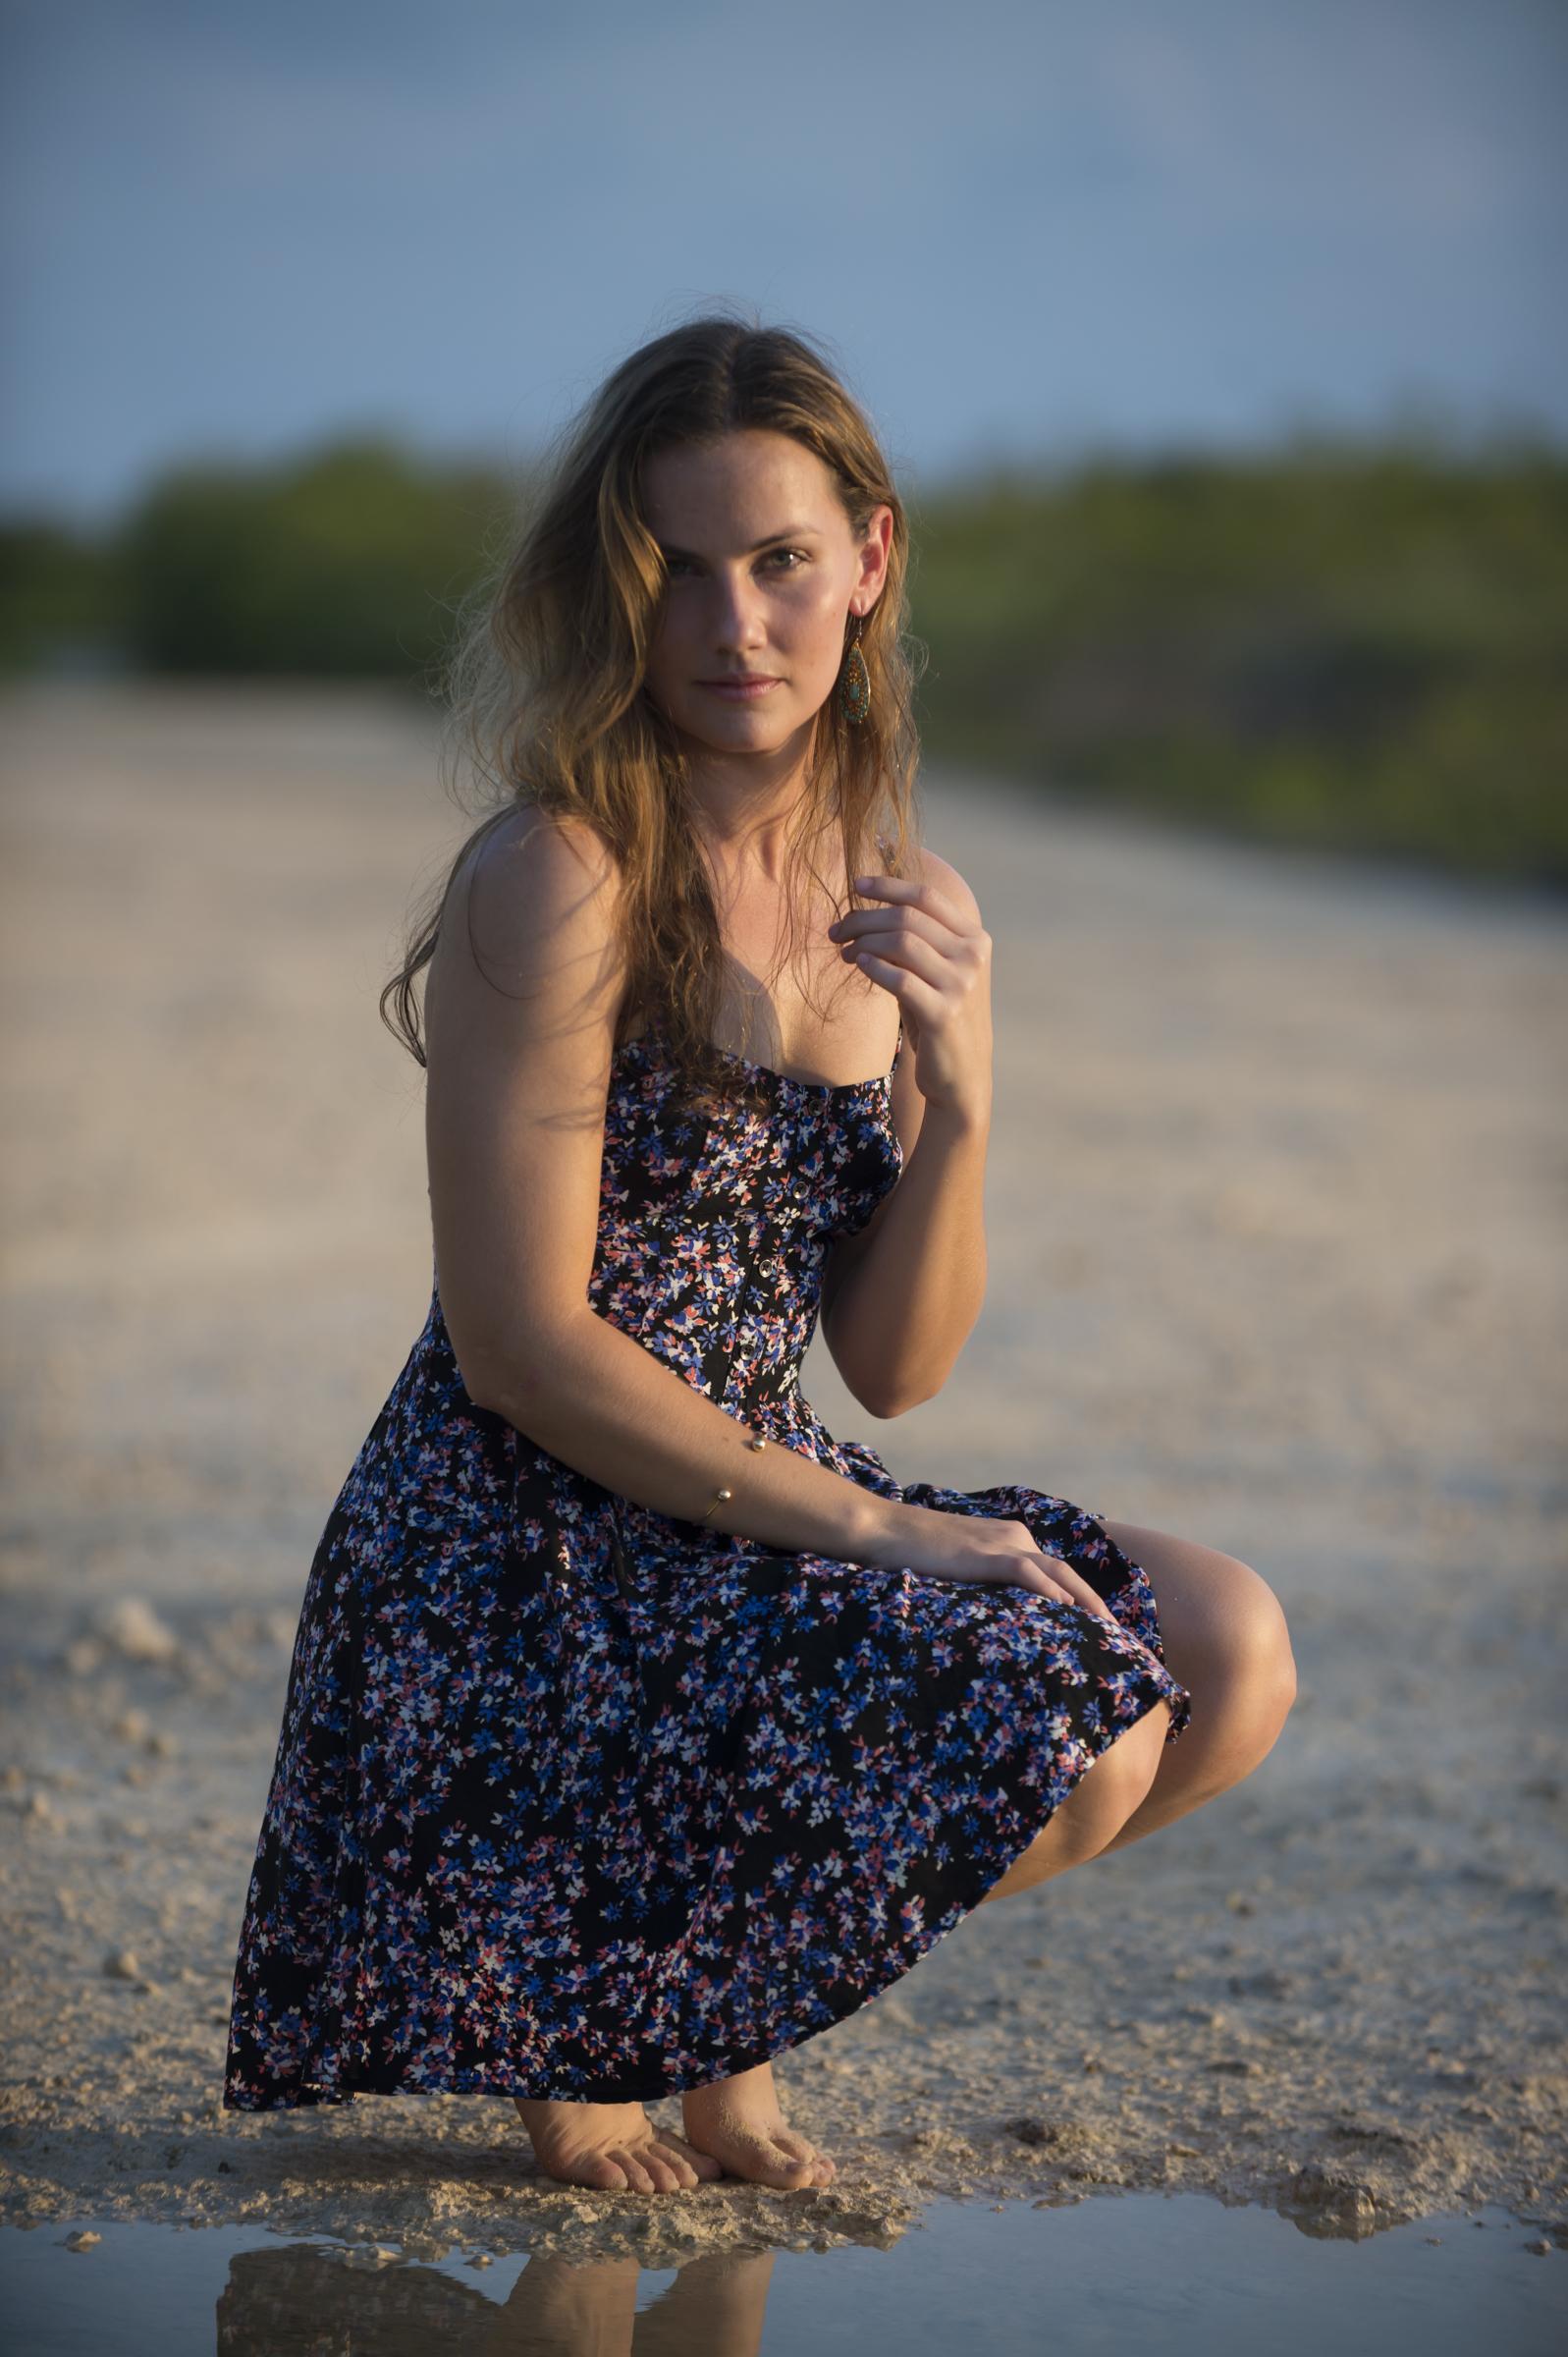 Beautiful fashion photography Cayman